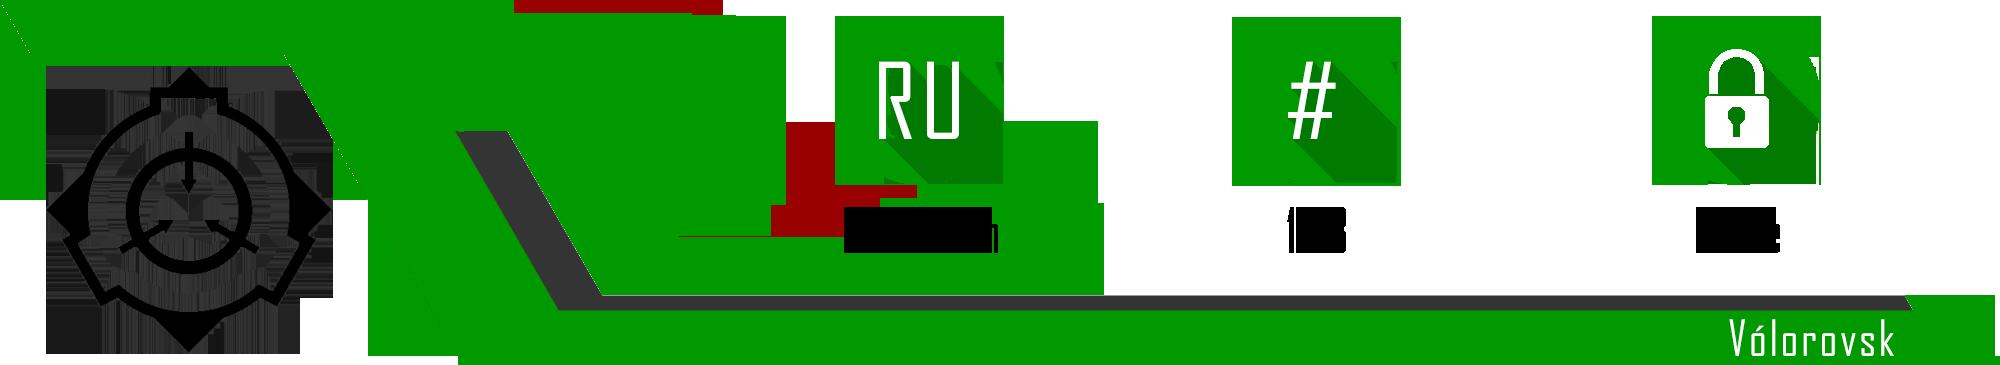 RU-HEADER-178.png